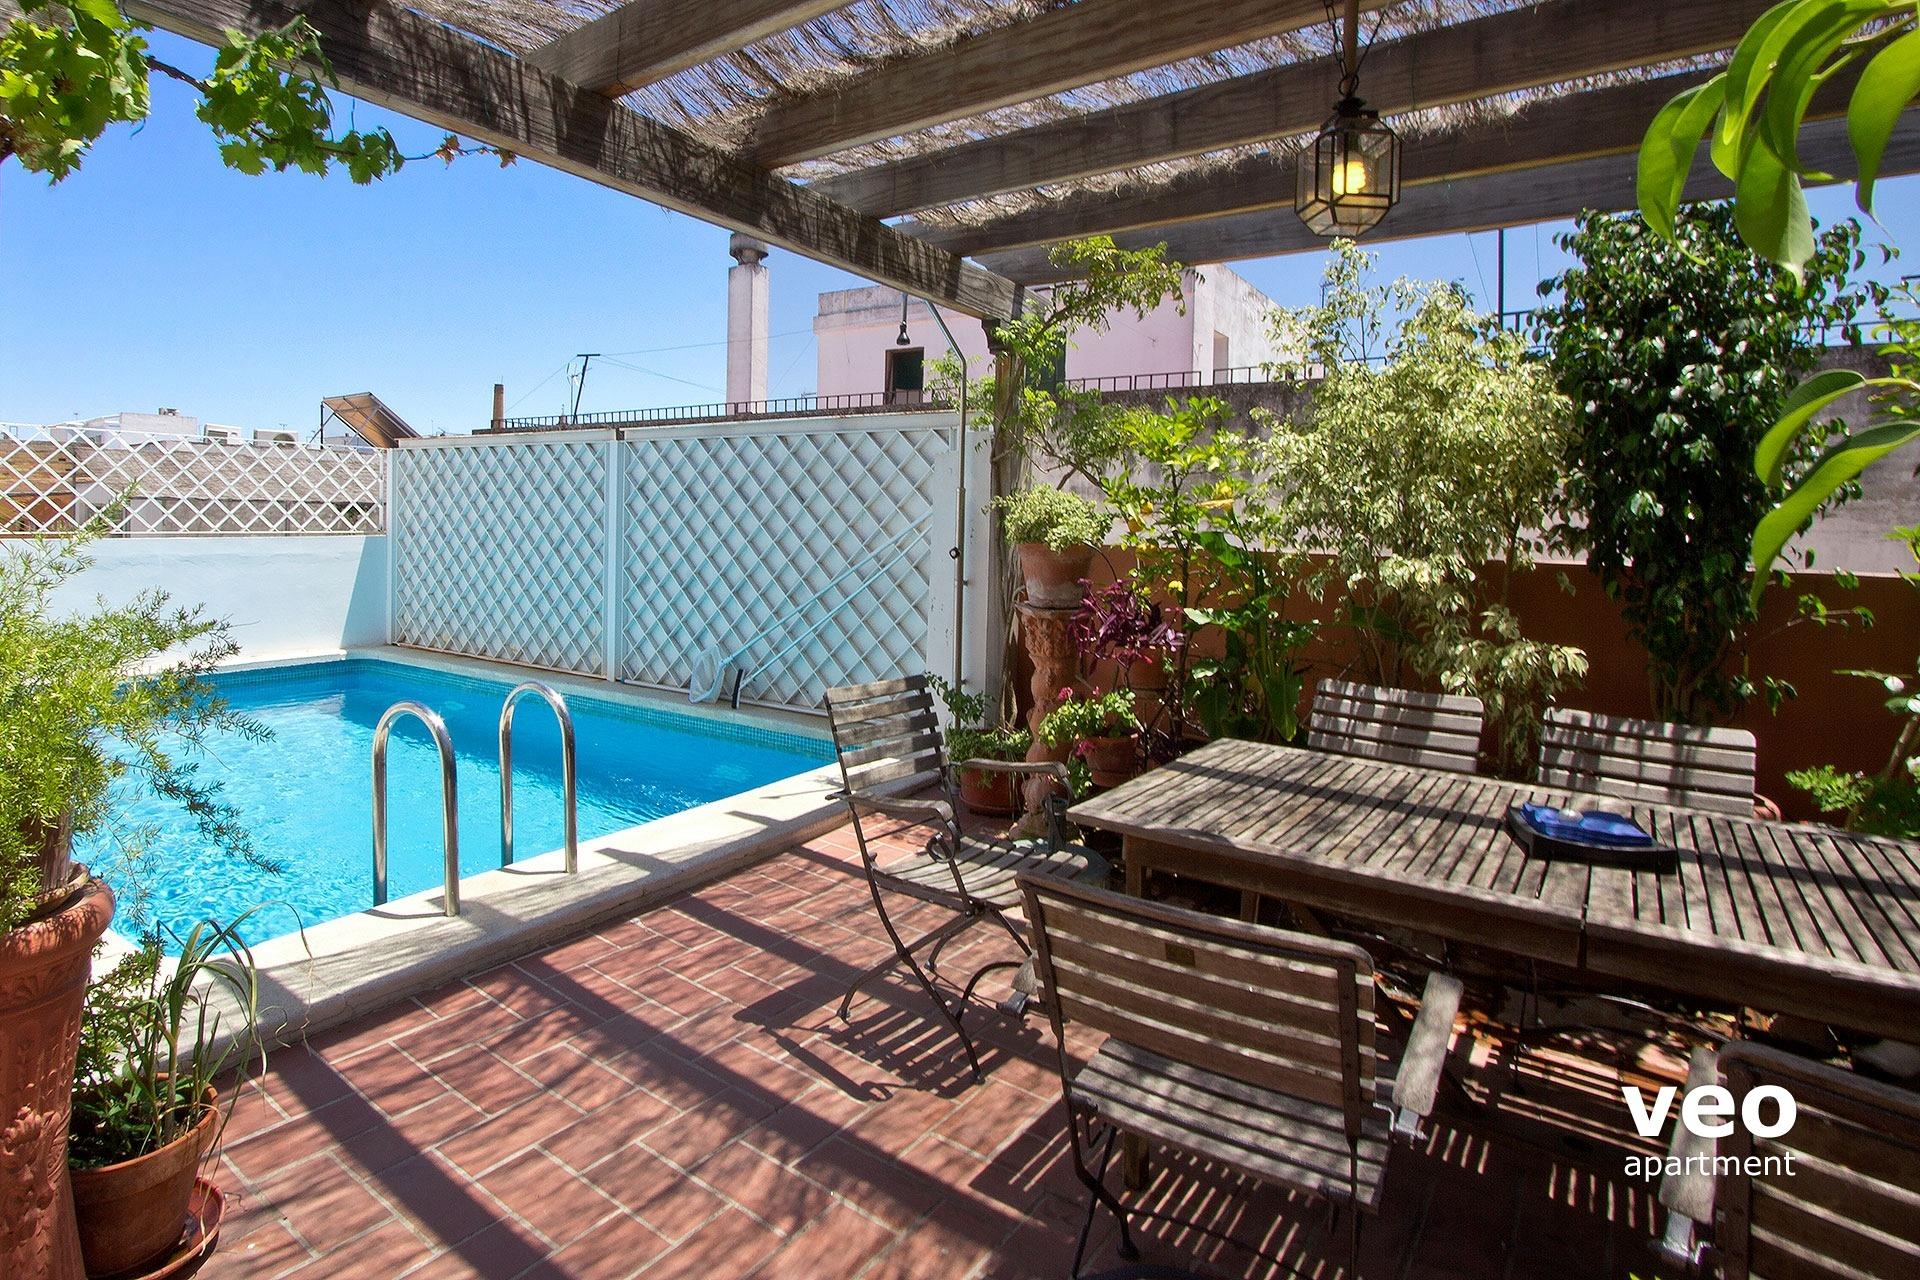 Sevilla apartmento calle pedro miguel sevilla espa a for Fotos de patios con piletas